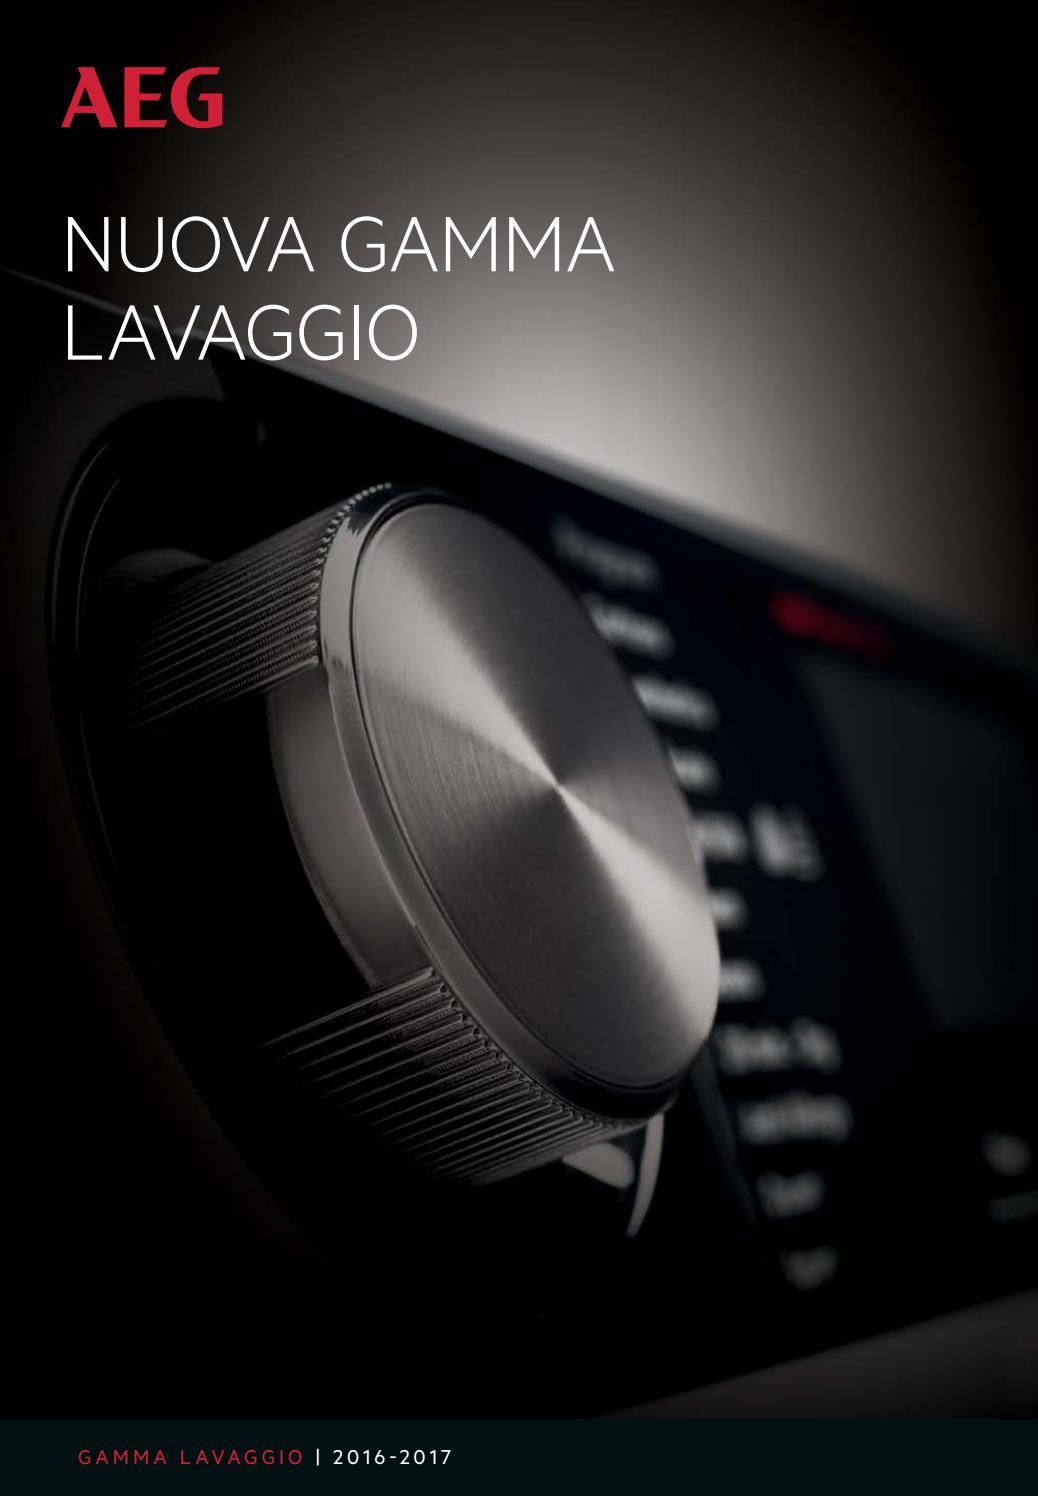 Aeg nuova gamma lavaggio by PEGOIANI EXPERT - issuu